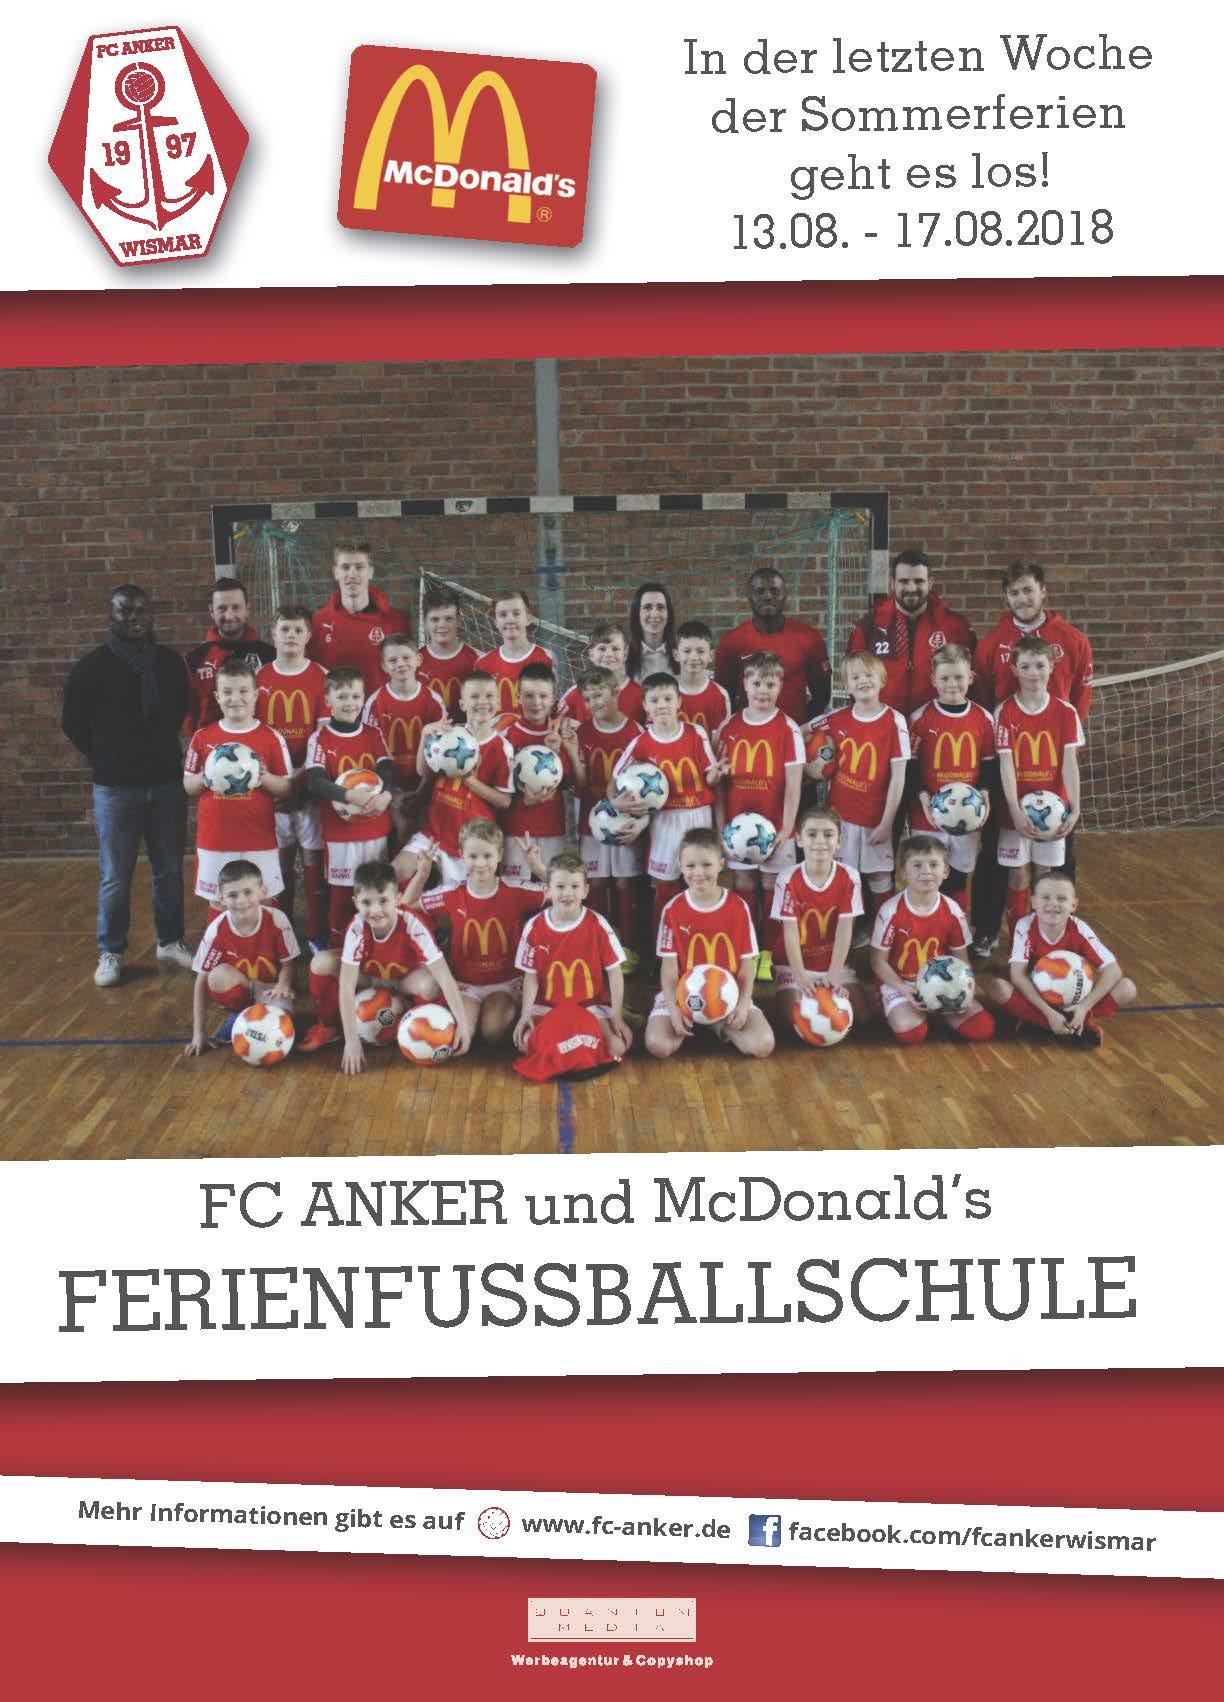 Sommerferien Fußballschule: Teilnahme noch möglich